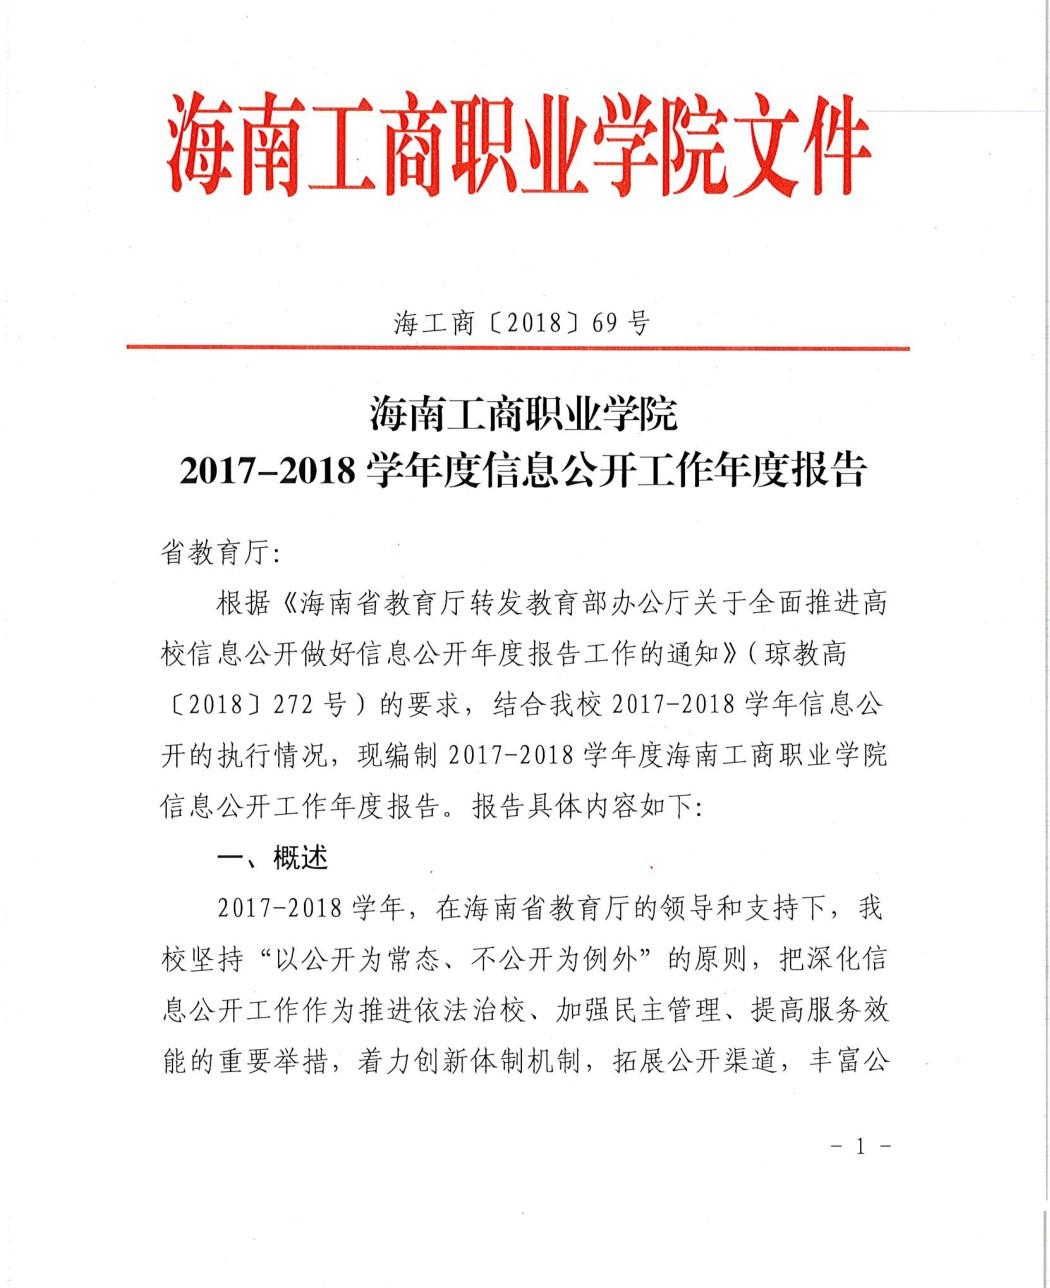 海南工商职业学院2017-2018学年度信息公开工作年度报告